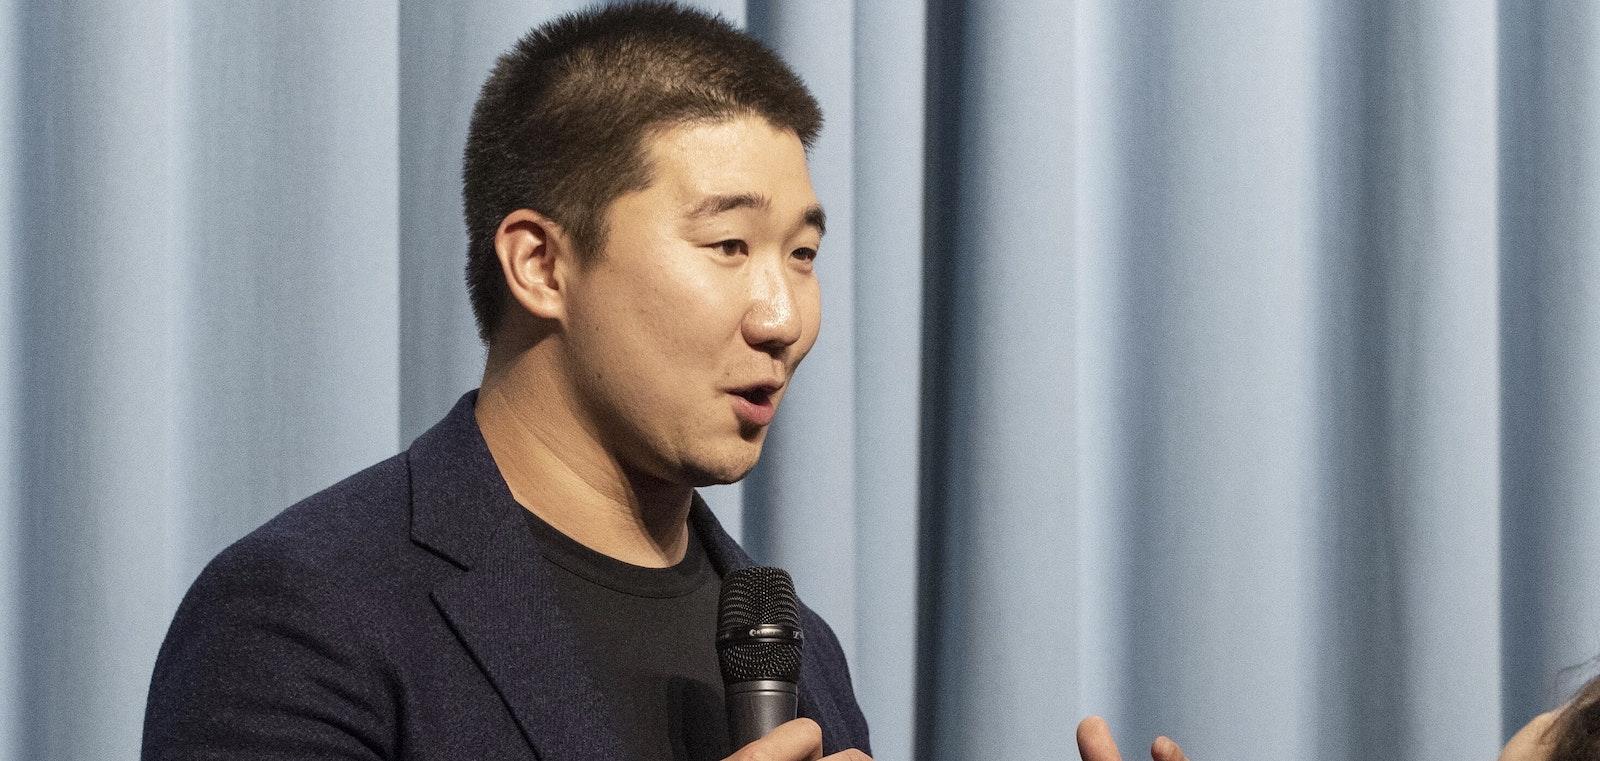 Airtable CEO Howie Liu. Photo by Erin Beach